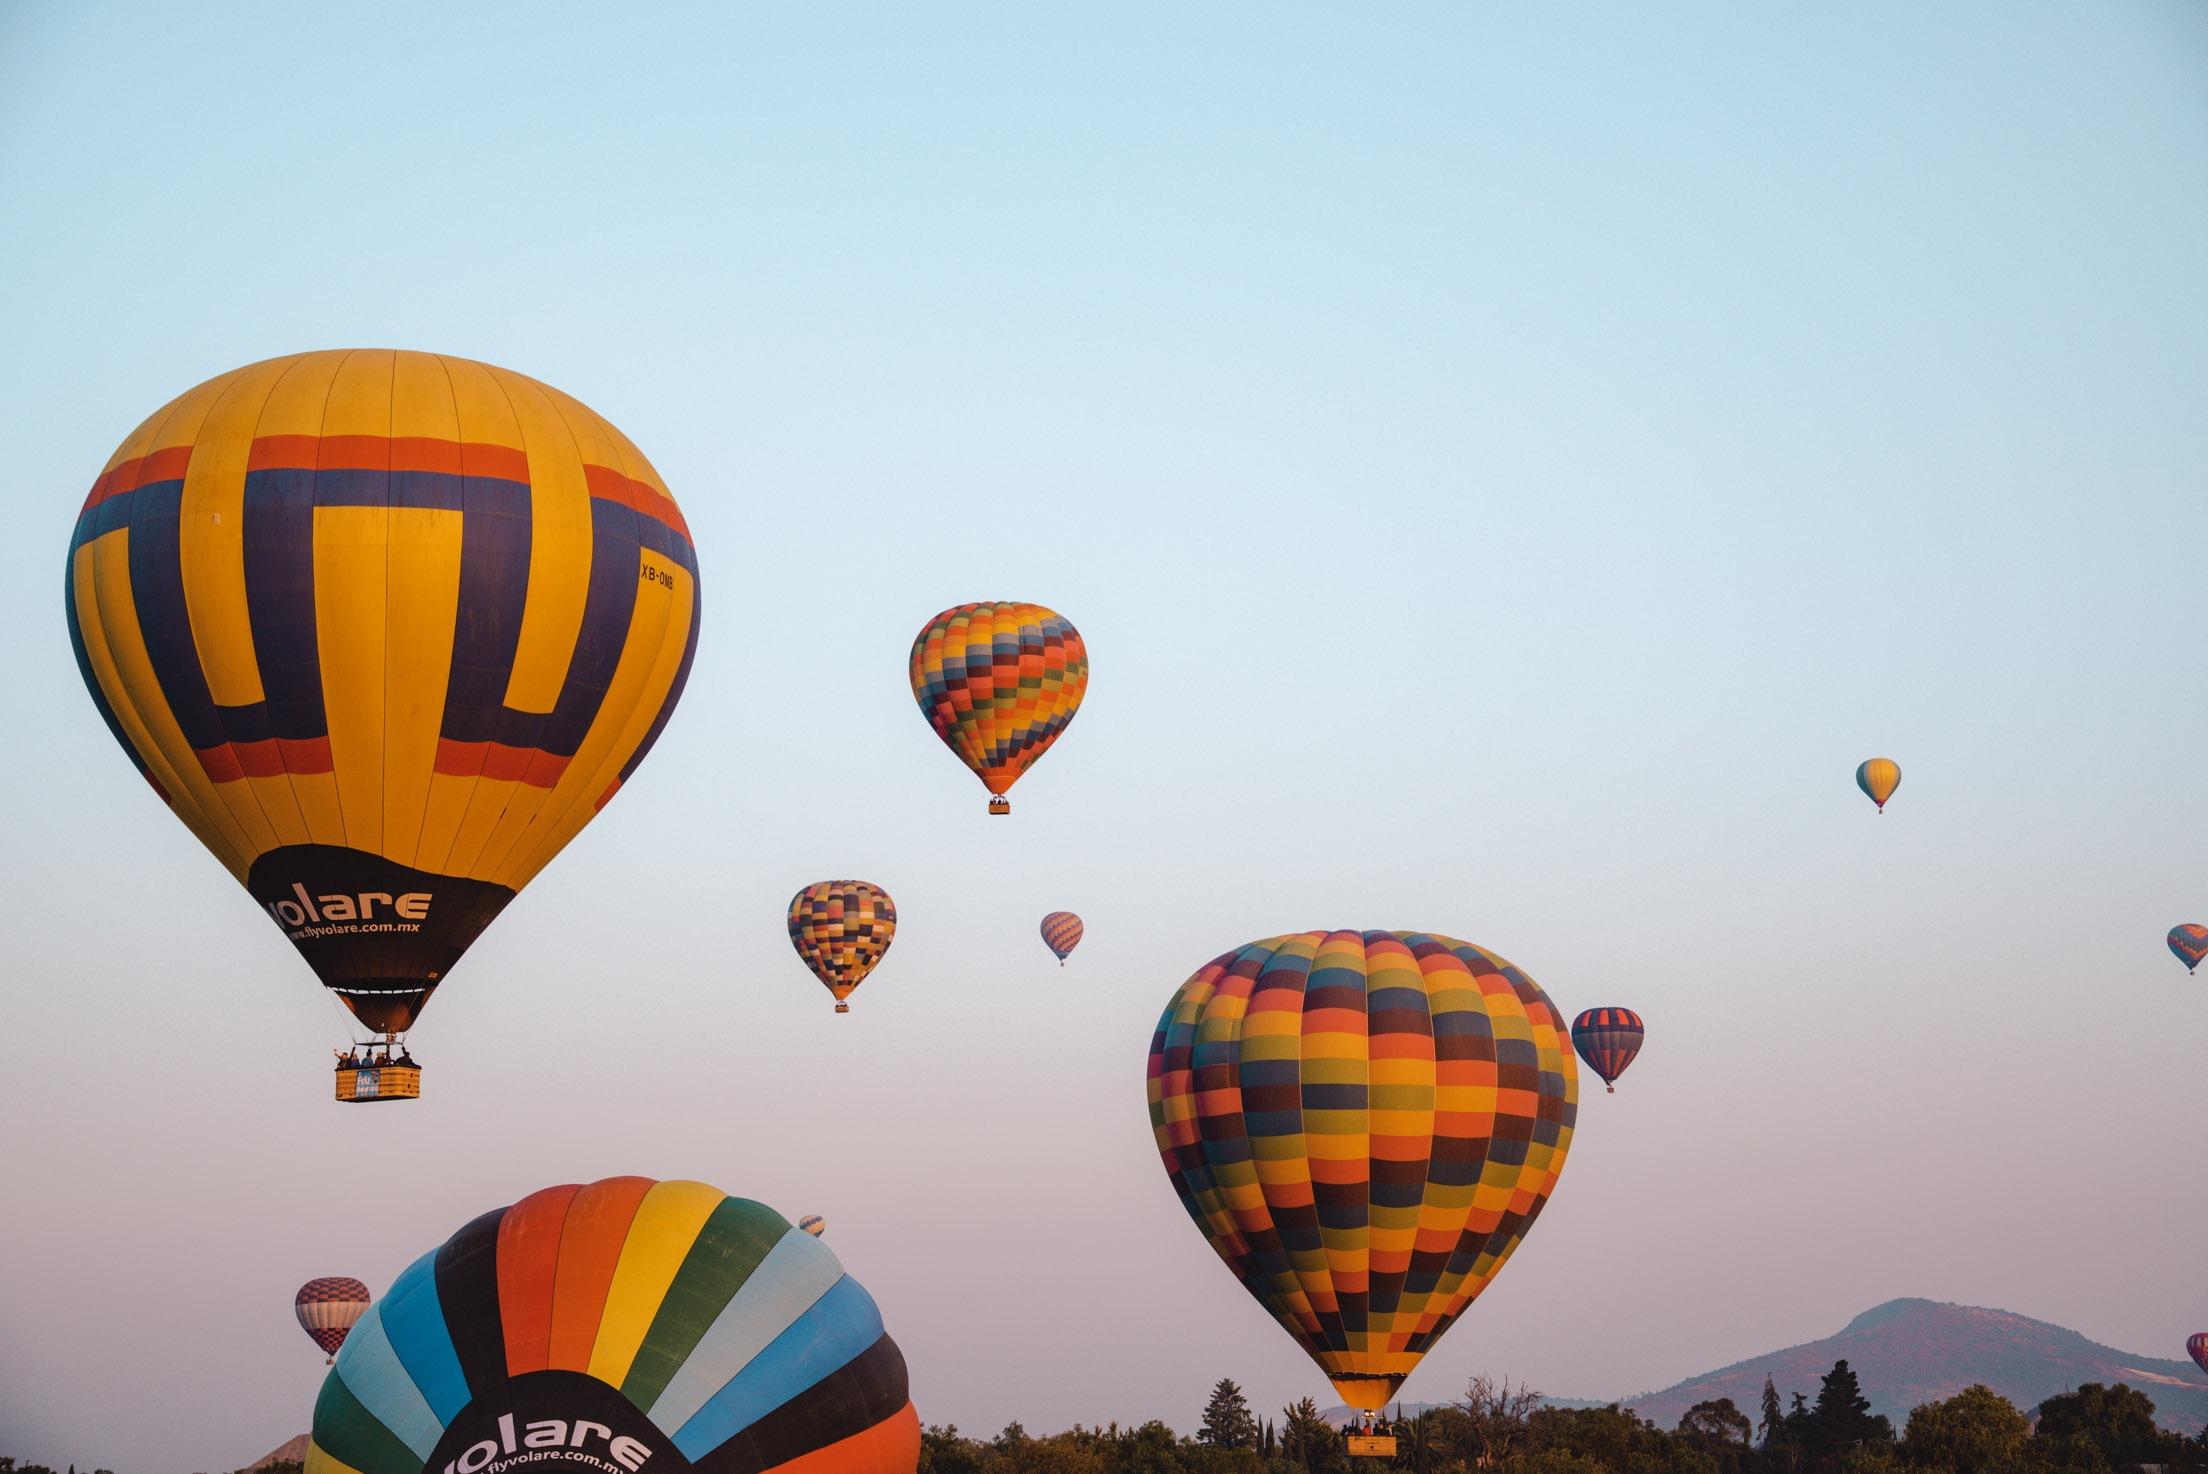 Teotihuacán: Eine Heißluftballon-Fahrt über die Pyramiden von Mexico City